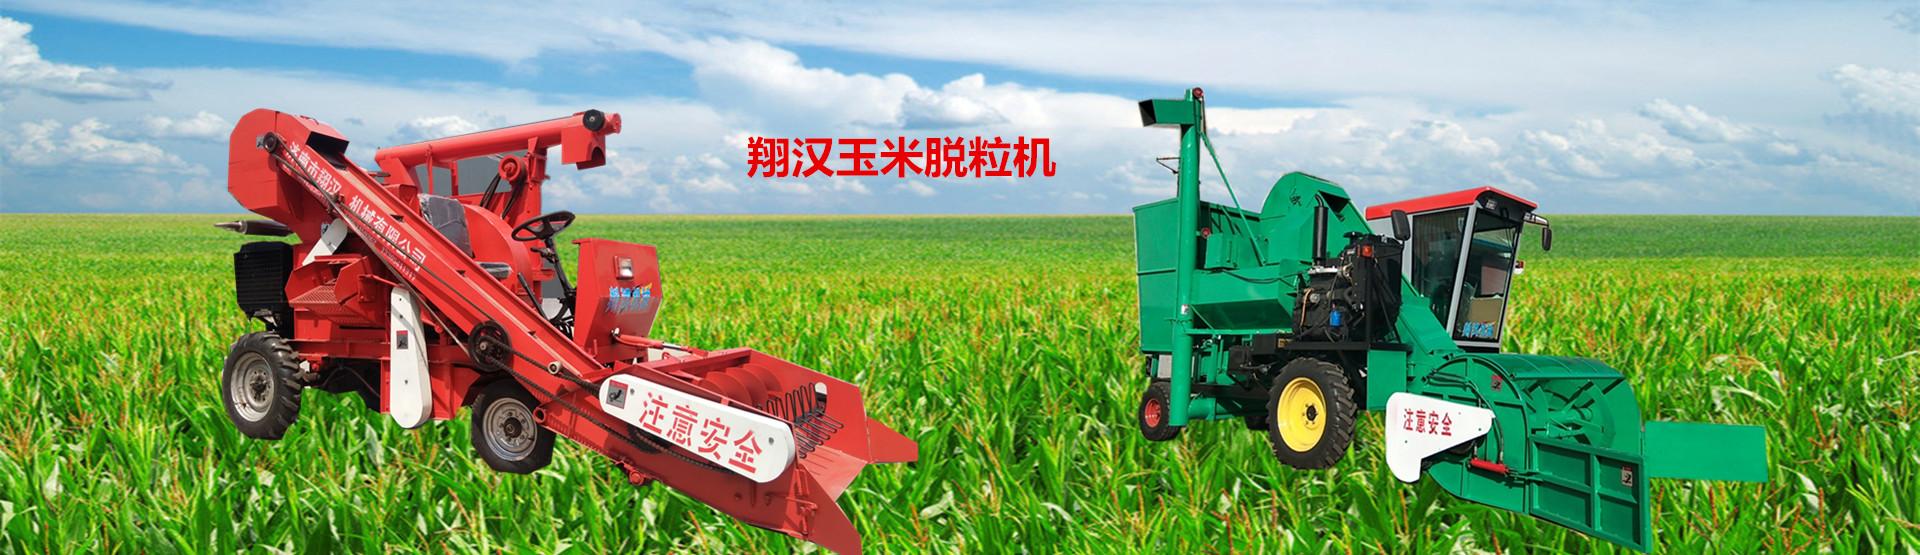 全自动玉米脱粒机,自动上料玉米脱粒机,玉米脱粒机厂家